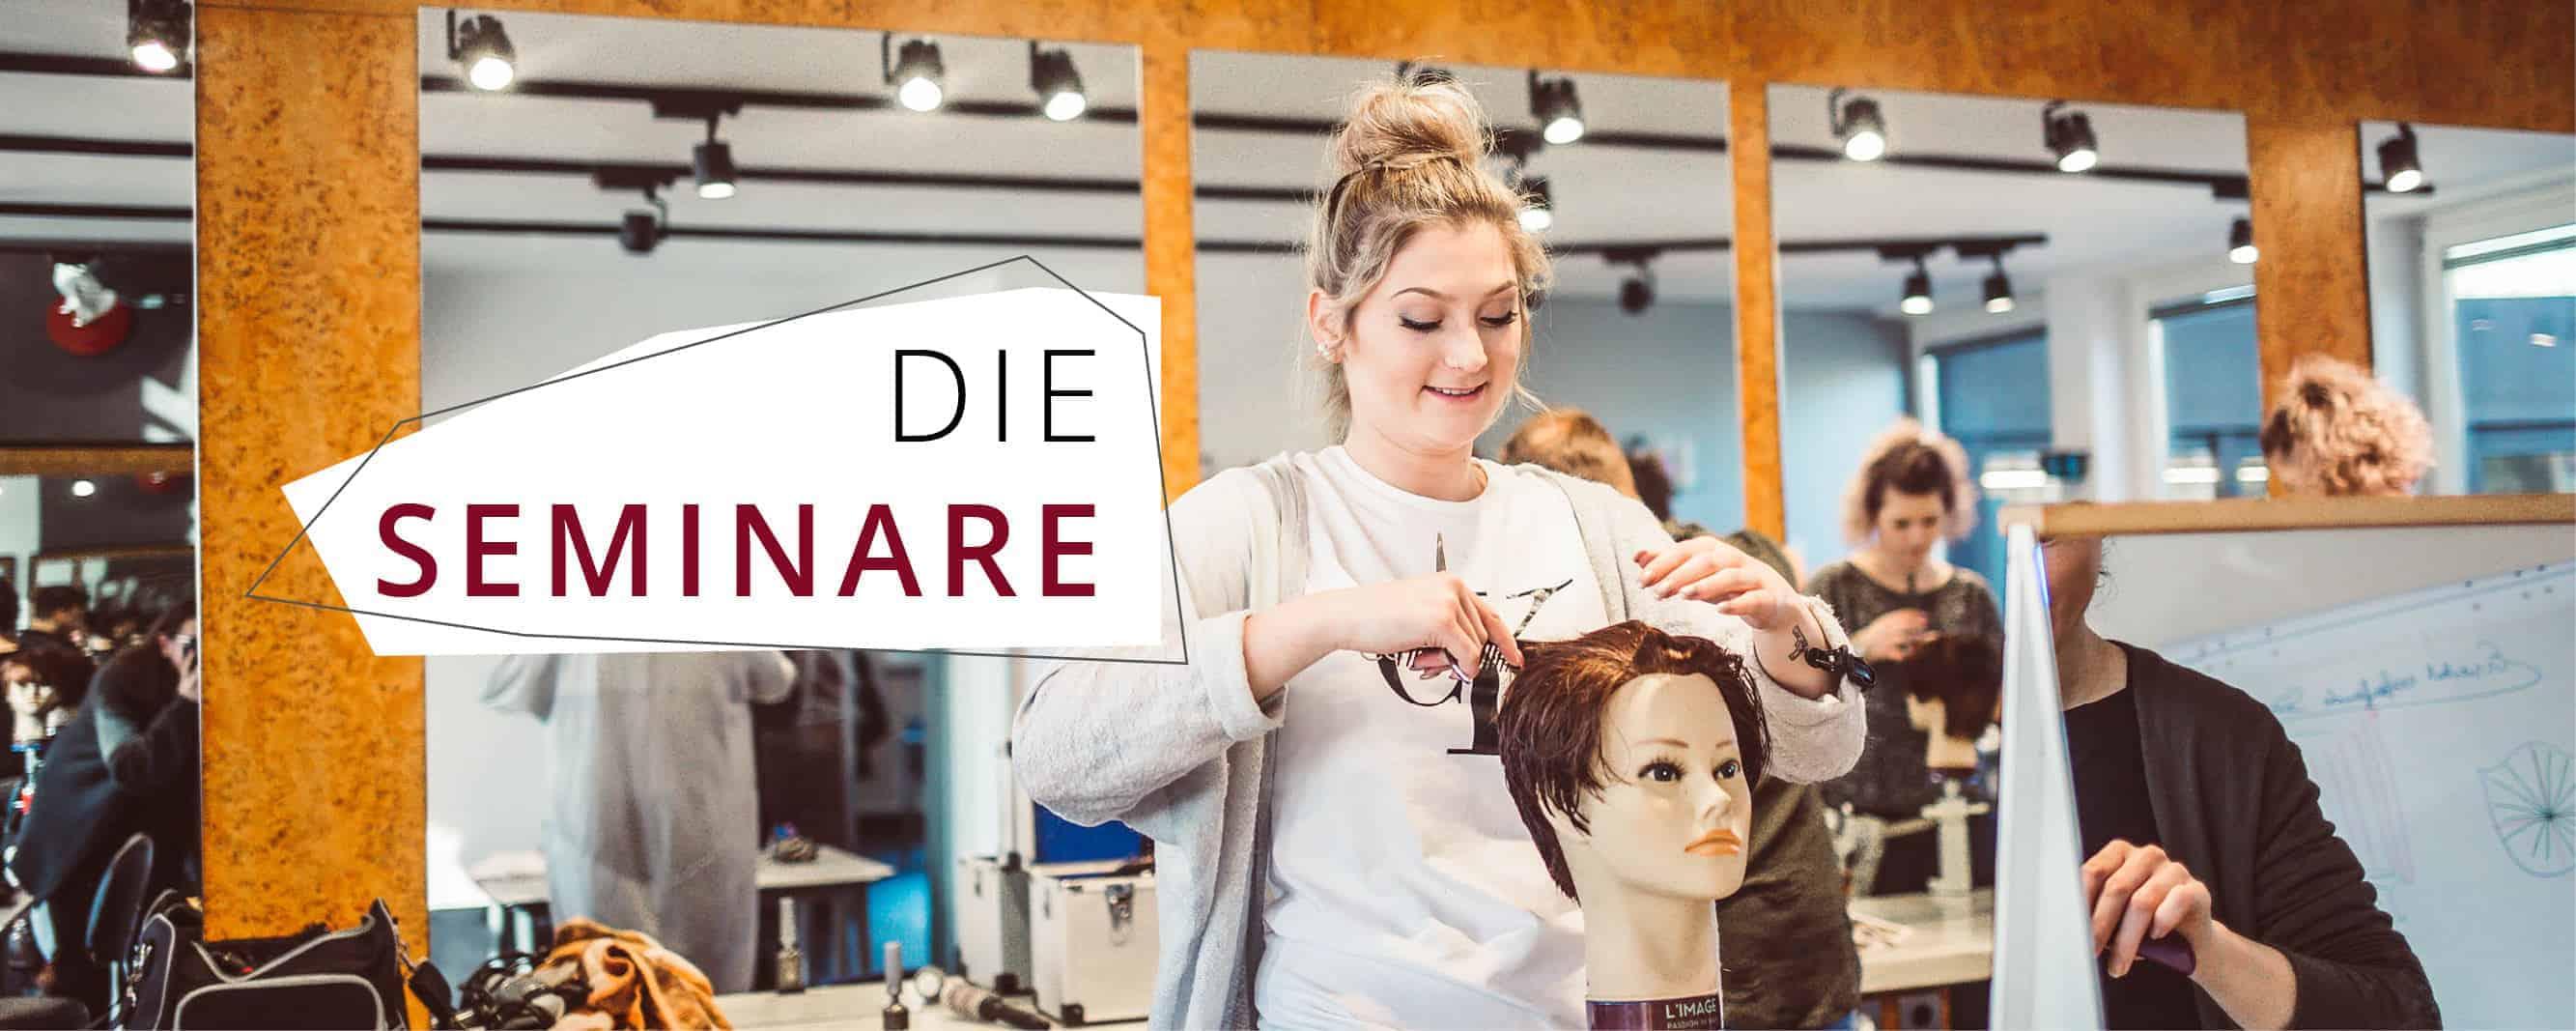 Header Seminarübersicht Meininghaus Friseurschule Forchheim